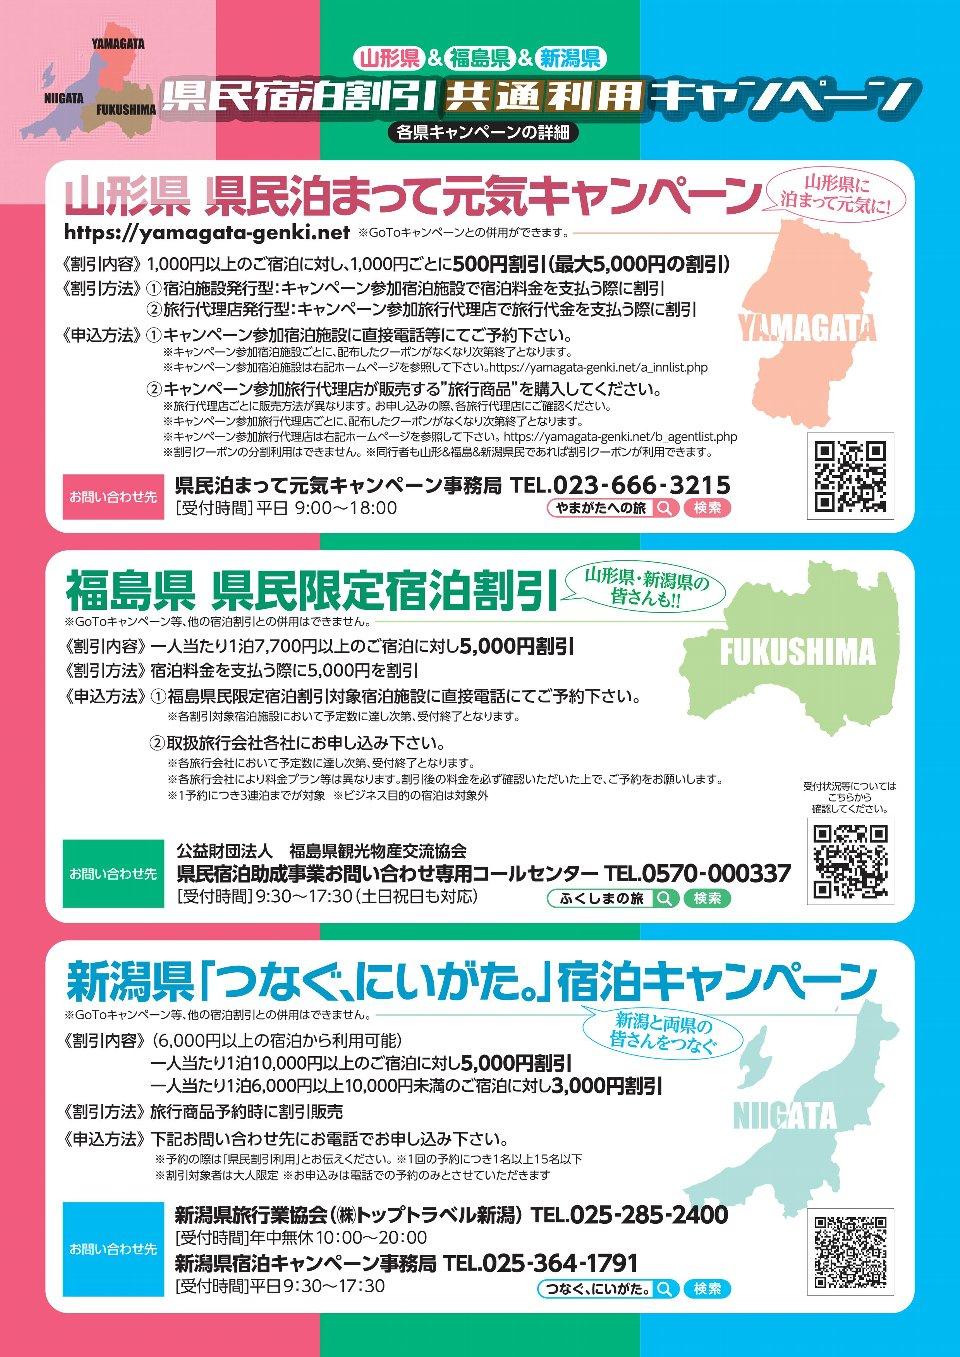 福島・山形・新潟 宿泊割引事業の共通利用キャンペーン2